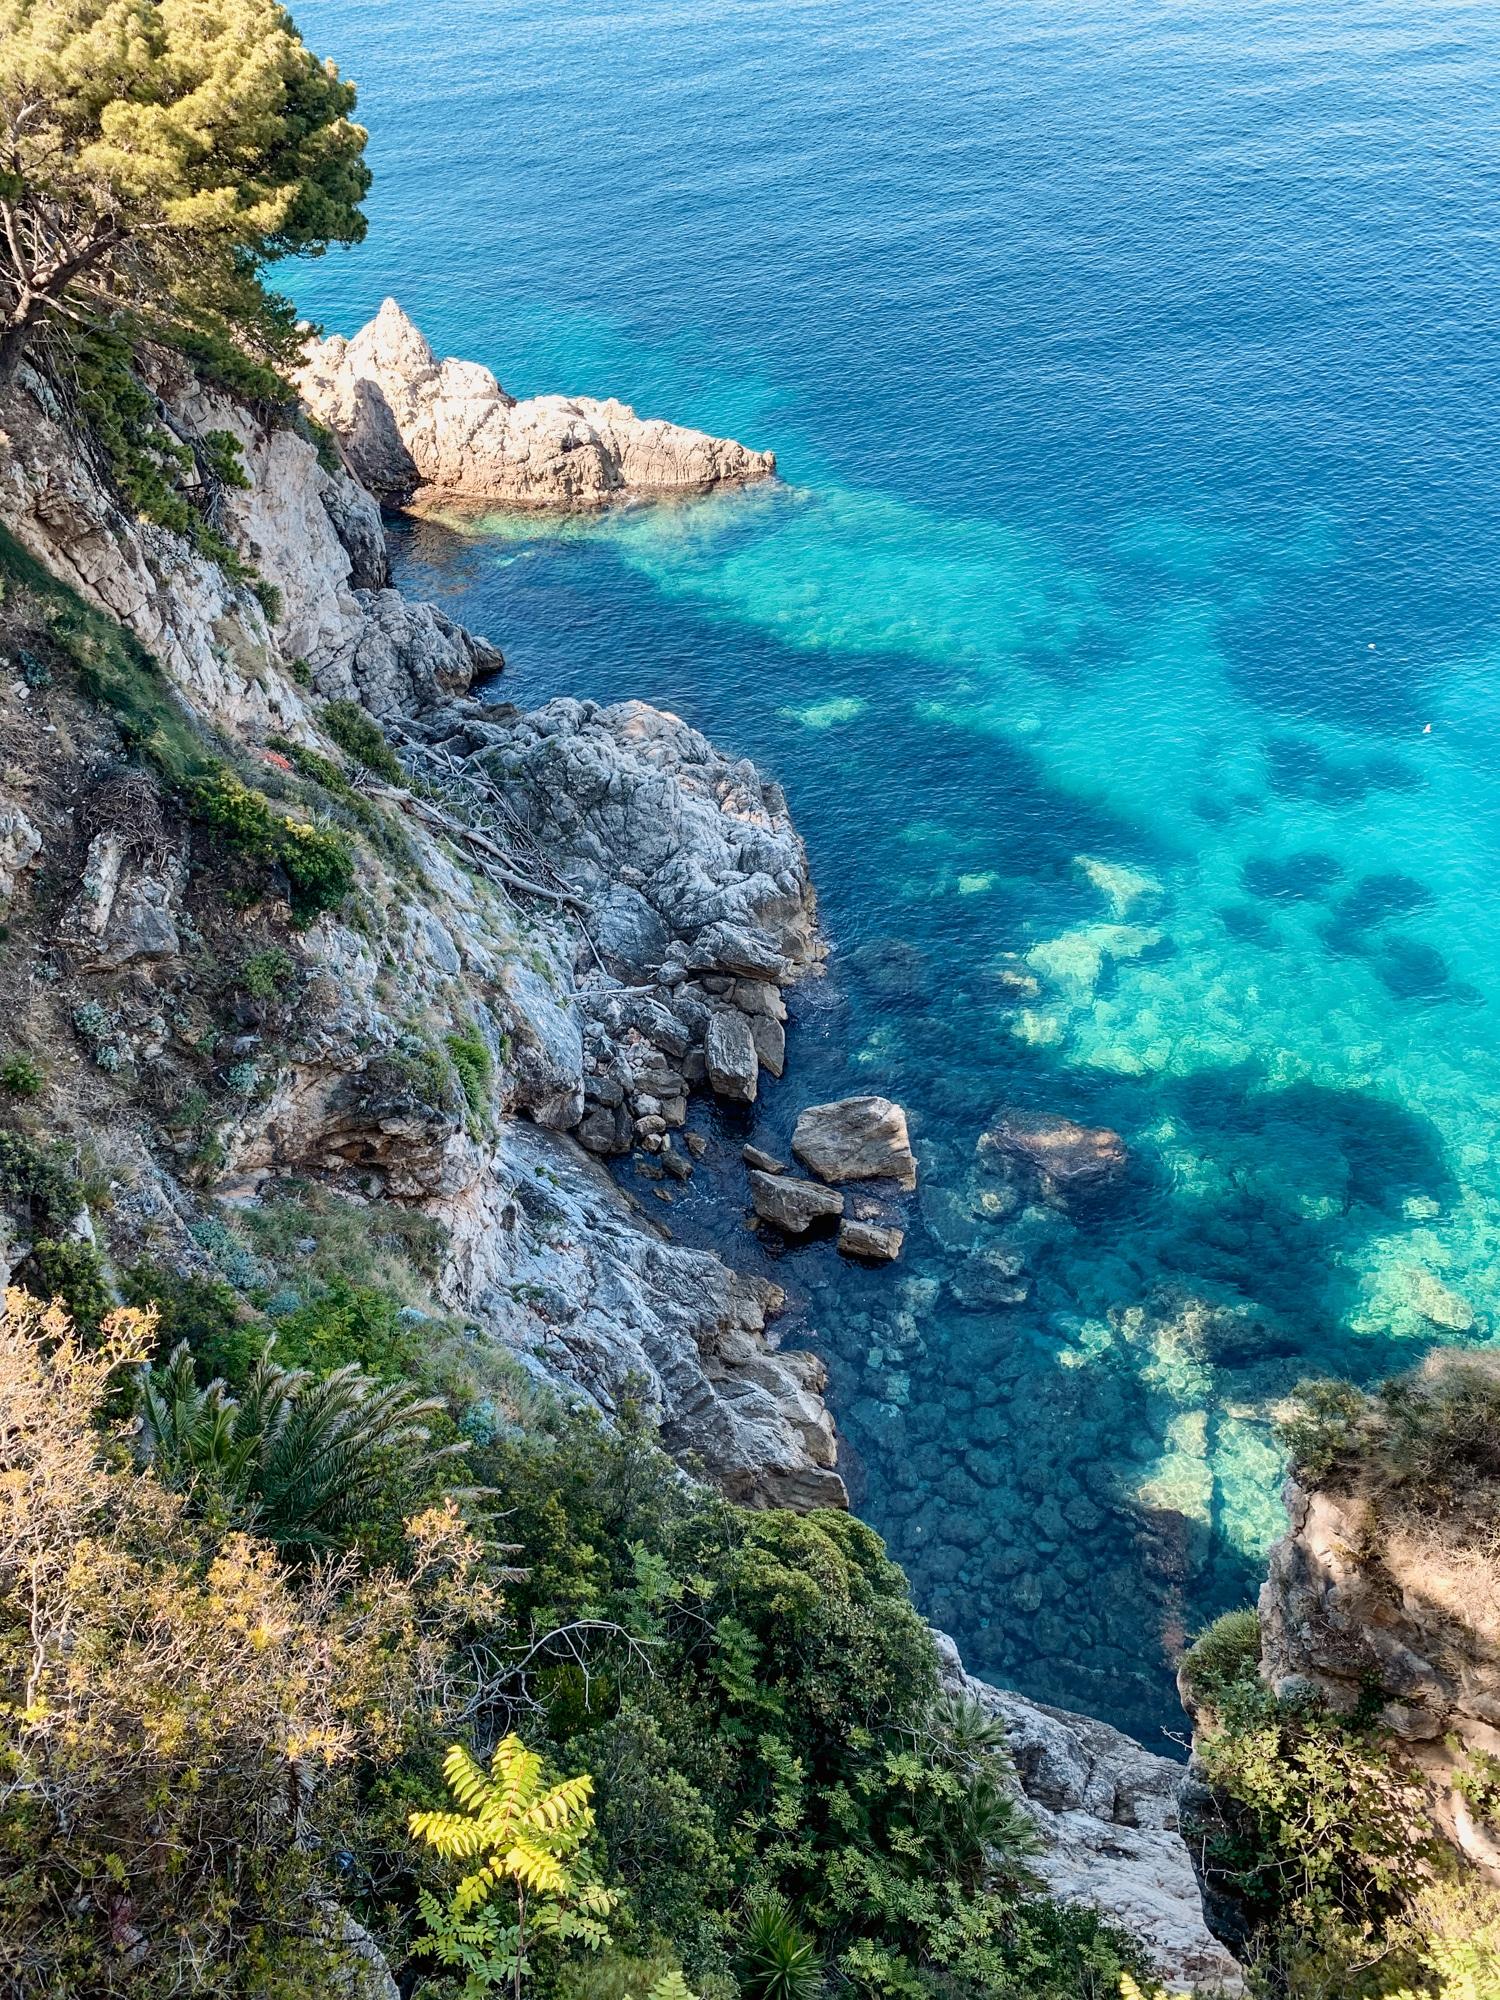 Dubrovnik Sehenswürdigkeiten Top 10: Meine Highlights und Tipps - schönste Strände und Buchten